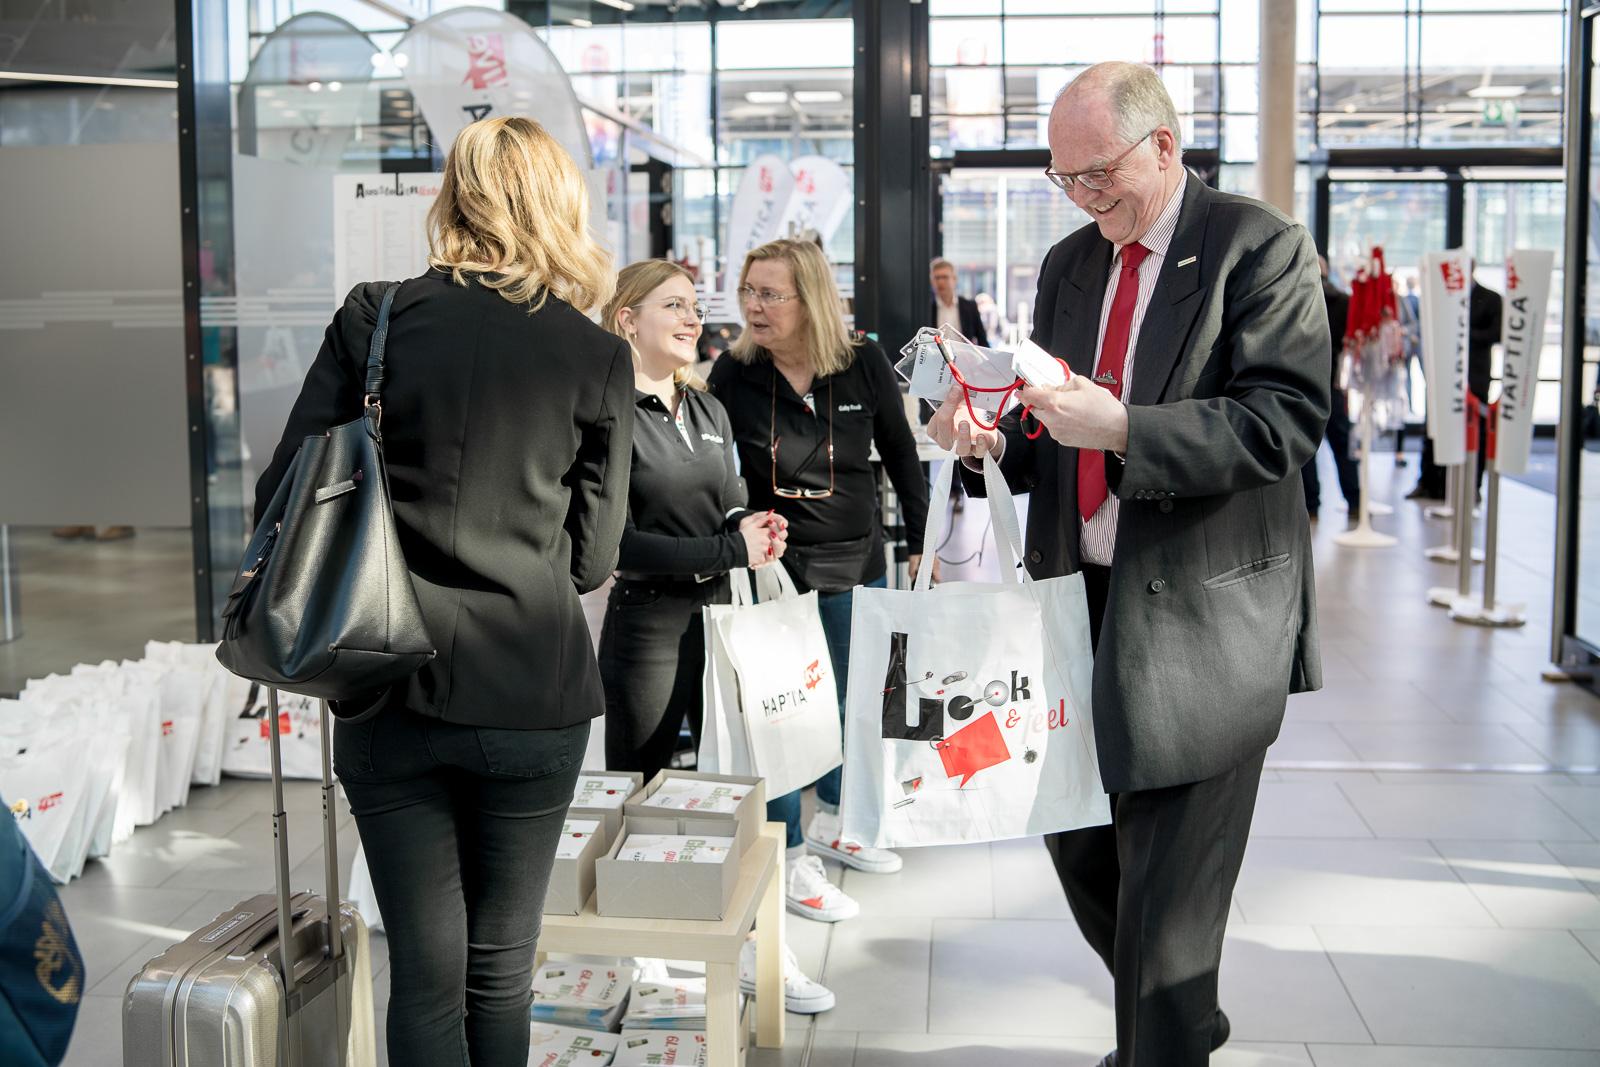 Messefotografie - Haptica - Bonn - Veranstalter WA Media - Gäste treffen ein